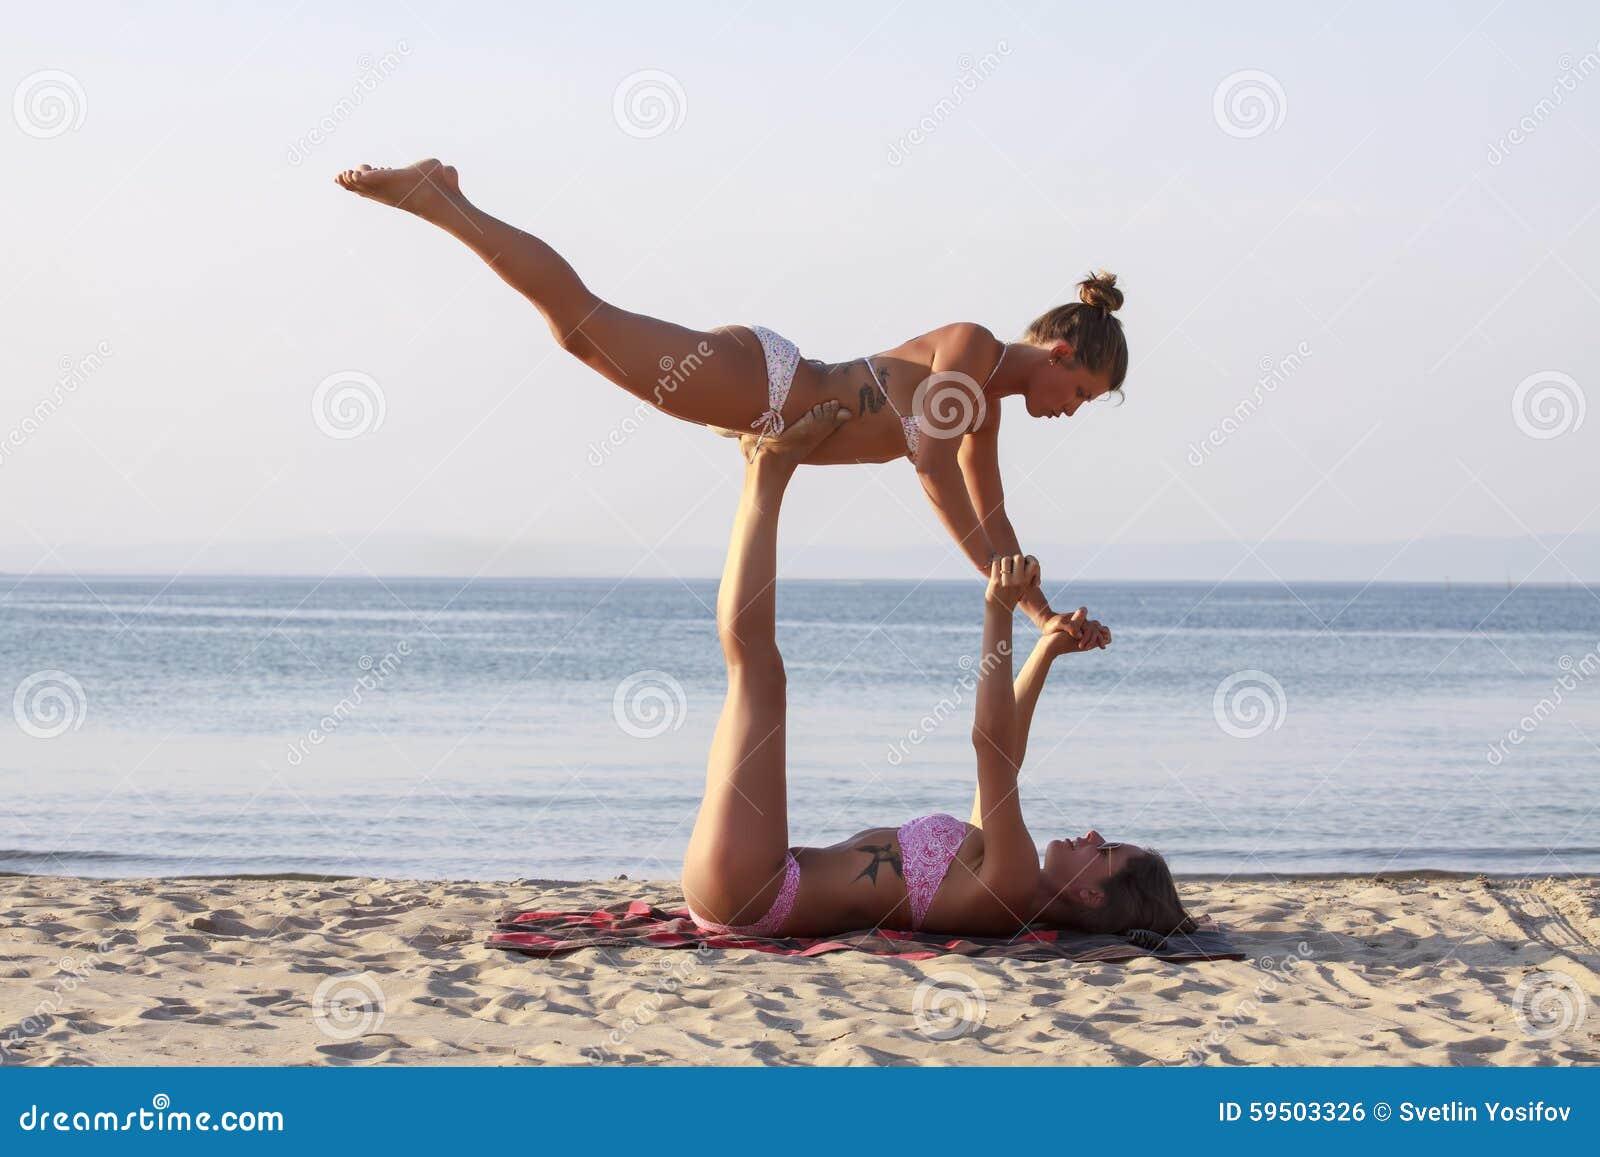 Acro Yoga Ii Stock Photo Image 59503326